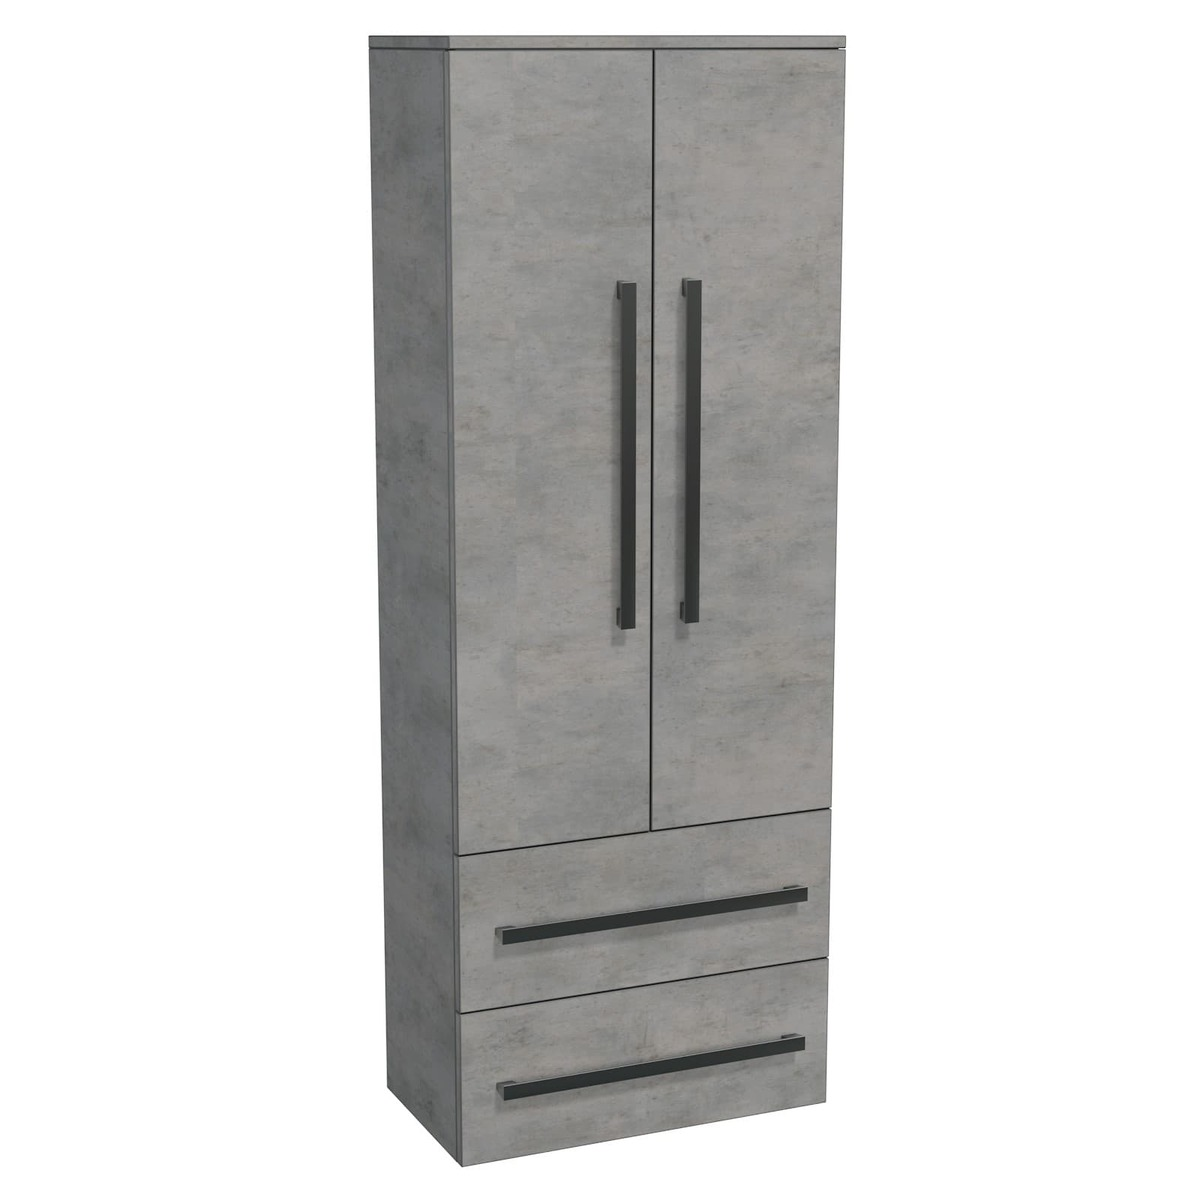 Koupelnová skříňka vysoká Naturel Cube Way 60x163x33 cm beton CUBE2V60BE